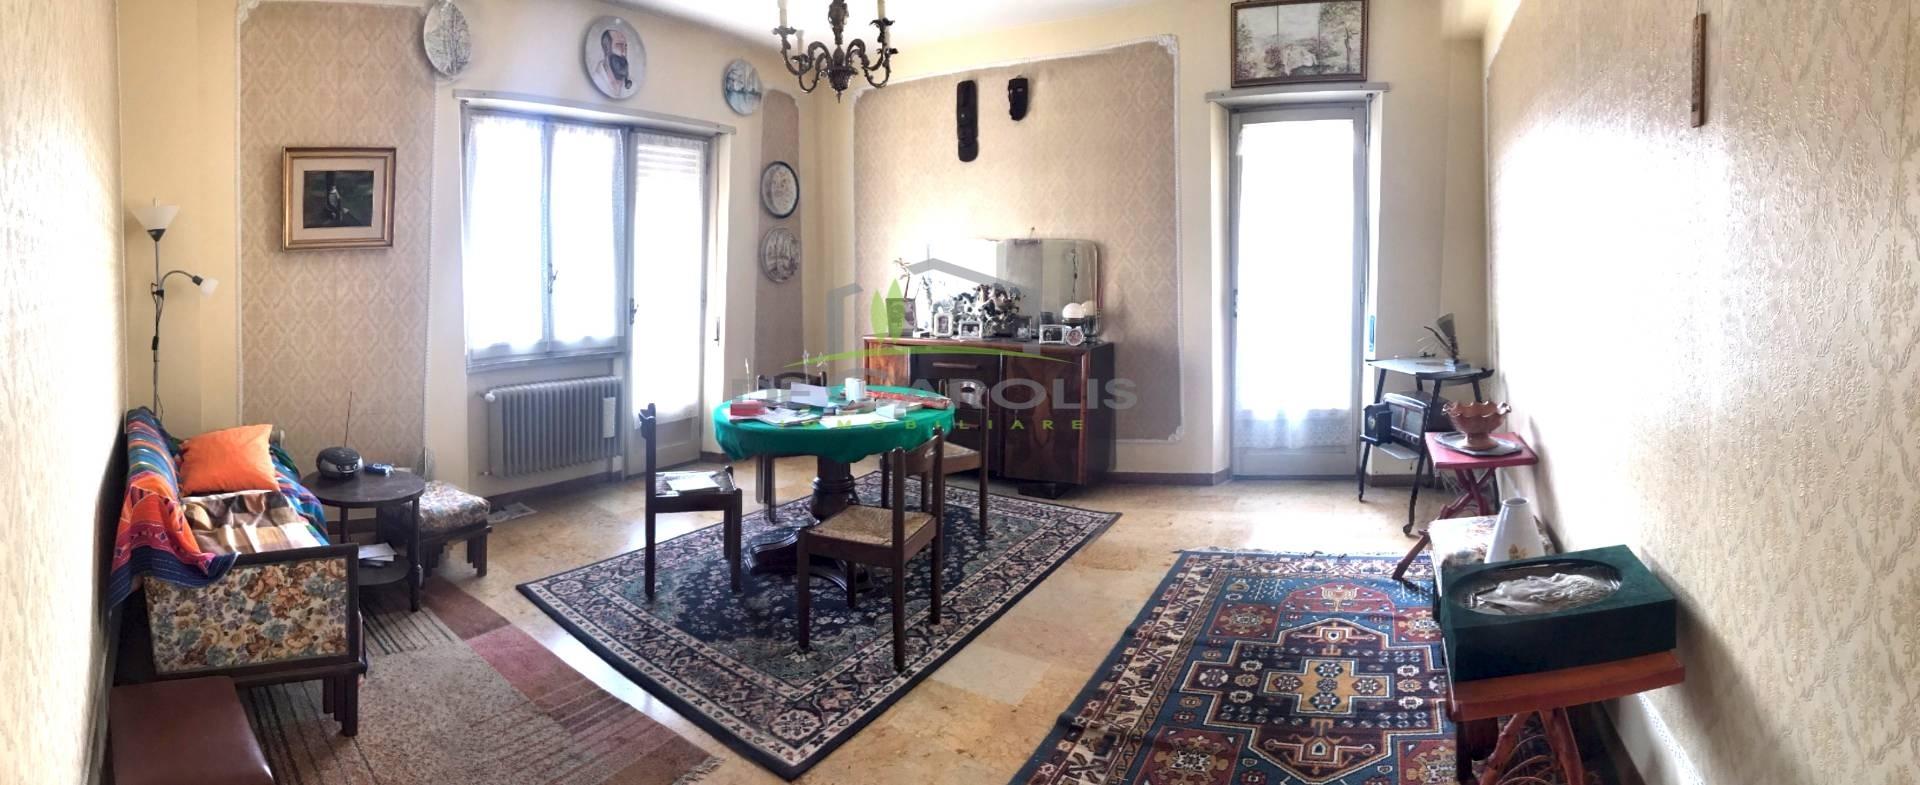 Appartamento in affitto a Ascoli Piceno, 8 locali, zona Località: PiazzaImmacolata, prezzo € 600 | CambioCasa.it